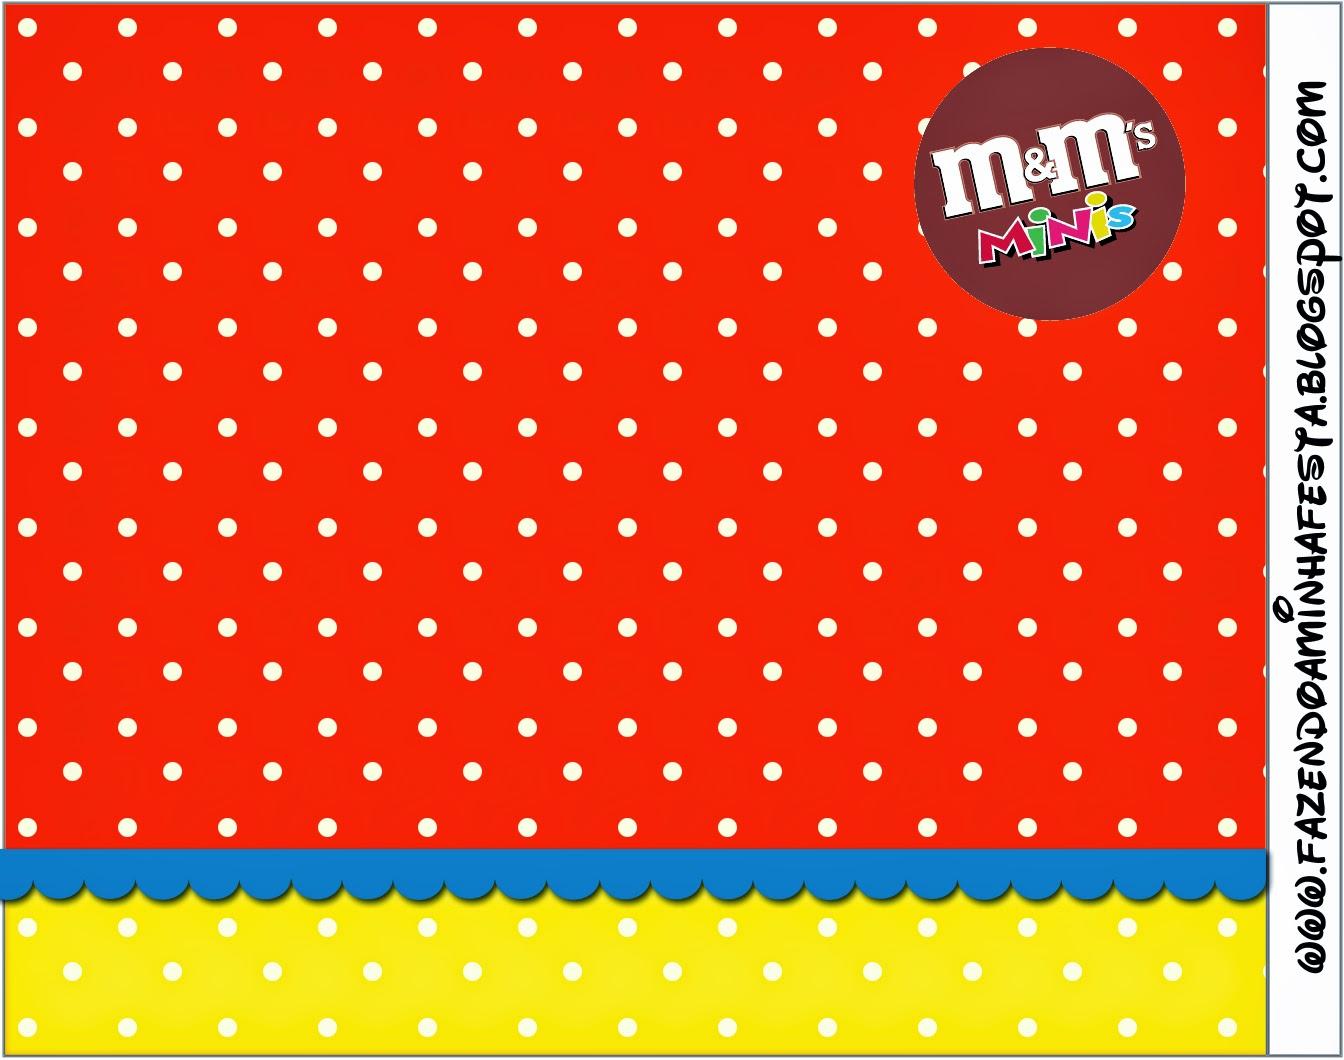 Etiqueta M&M para Imprimir Gratis de Rojo, Amarillo y Lunares Blancos.